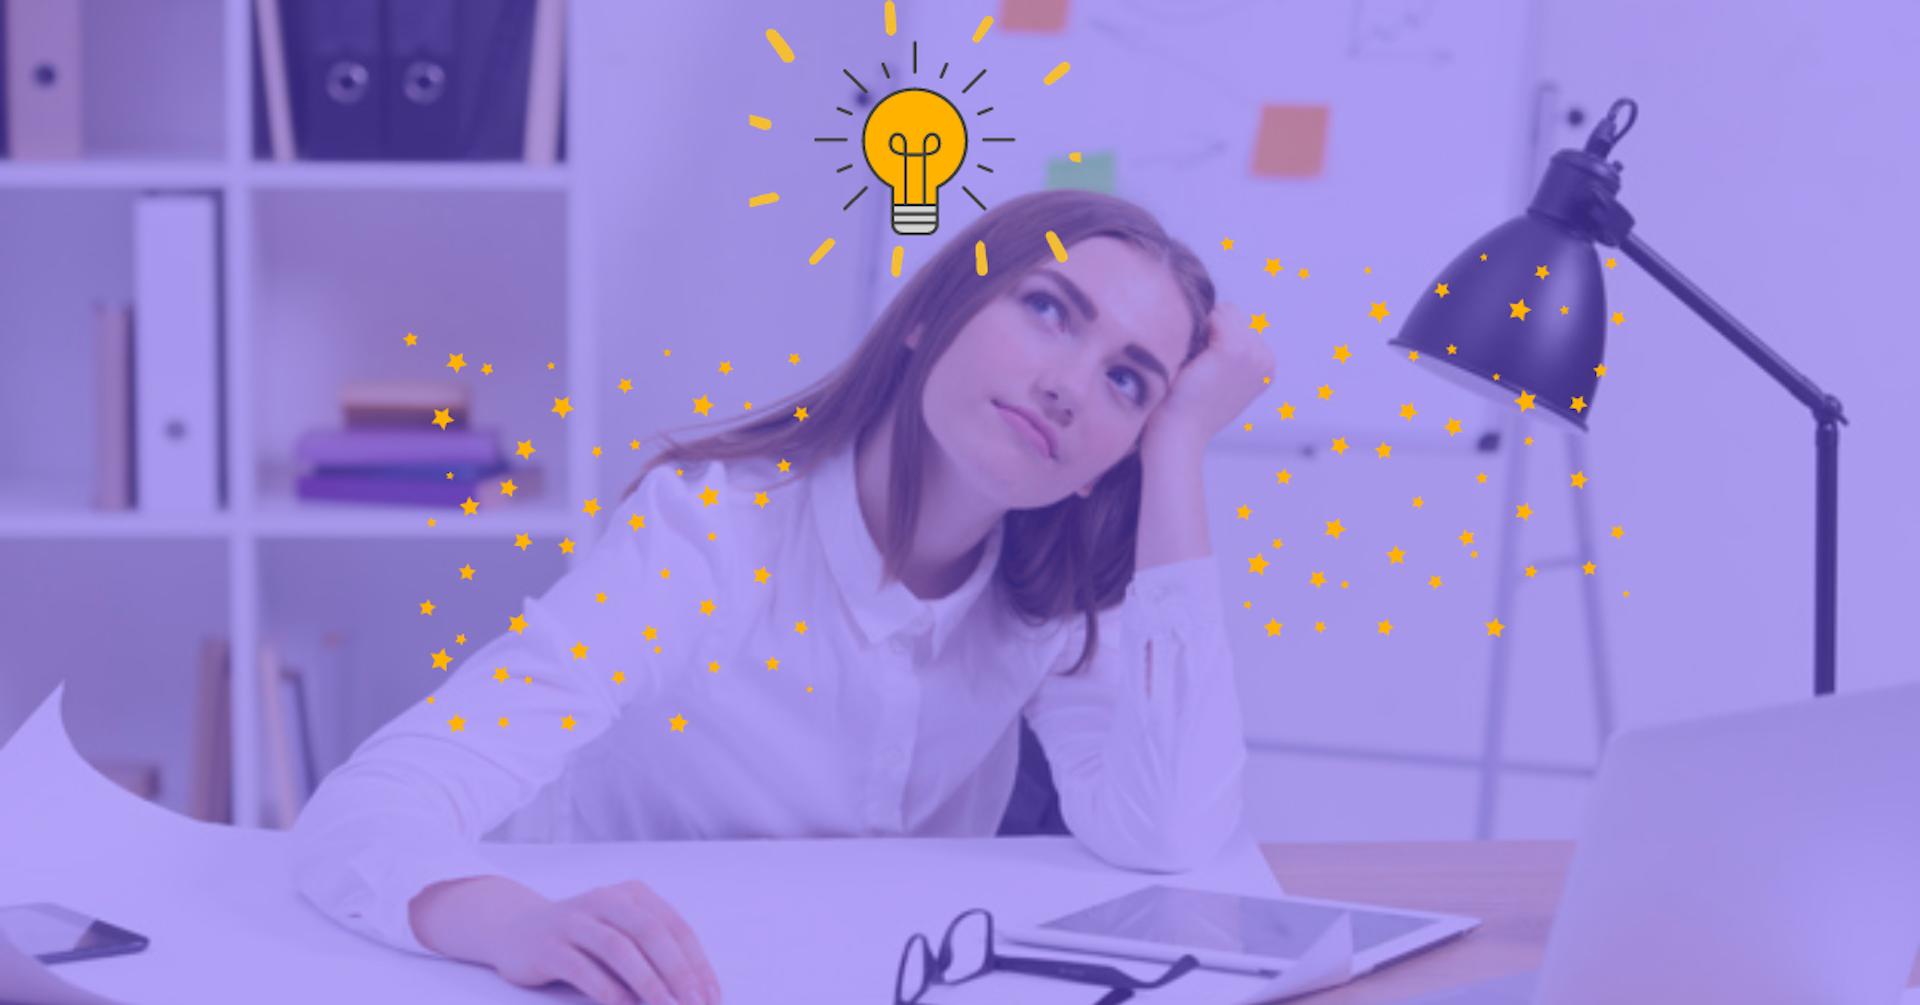 Aprender qué es un modelo de negocio y crear uno nunca fue tan fácil: ¡hazlo  en 3 pasos!